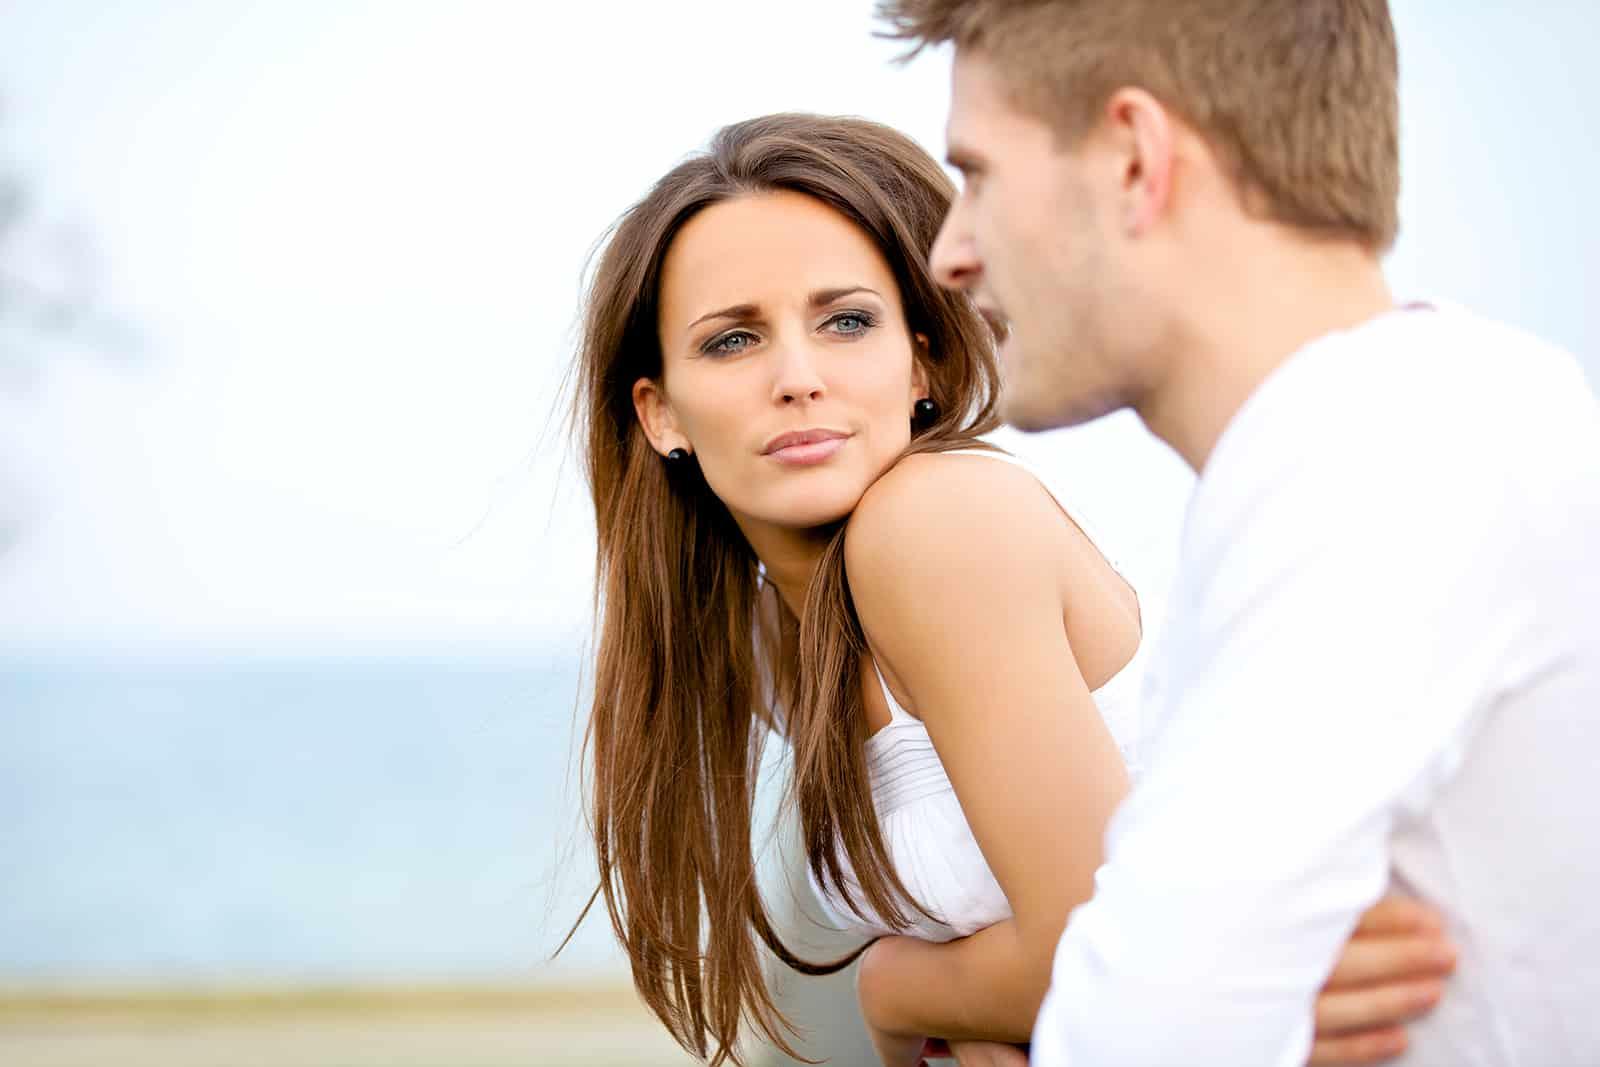 eine ernsthafte Frau, die einem Mann zuhört, während sie zusammen draußen steht